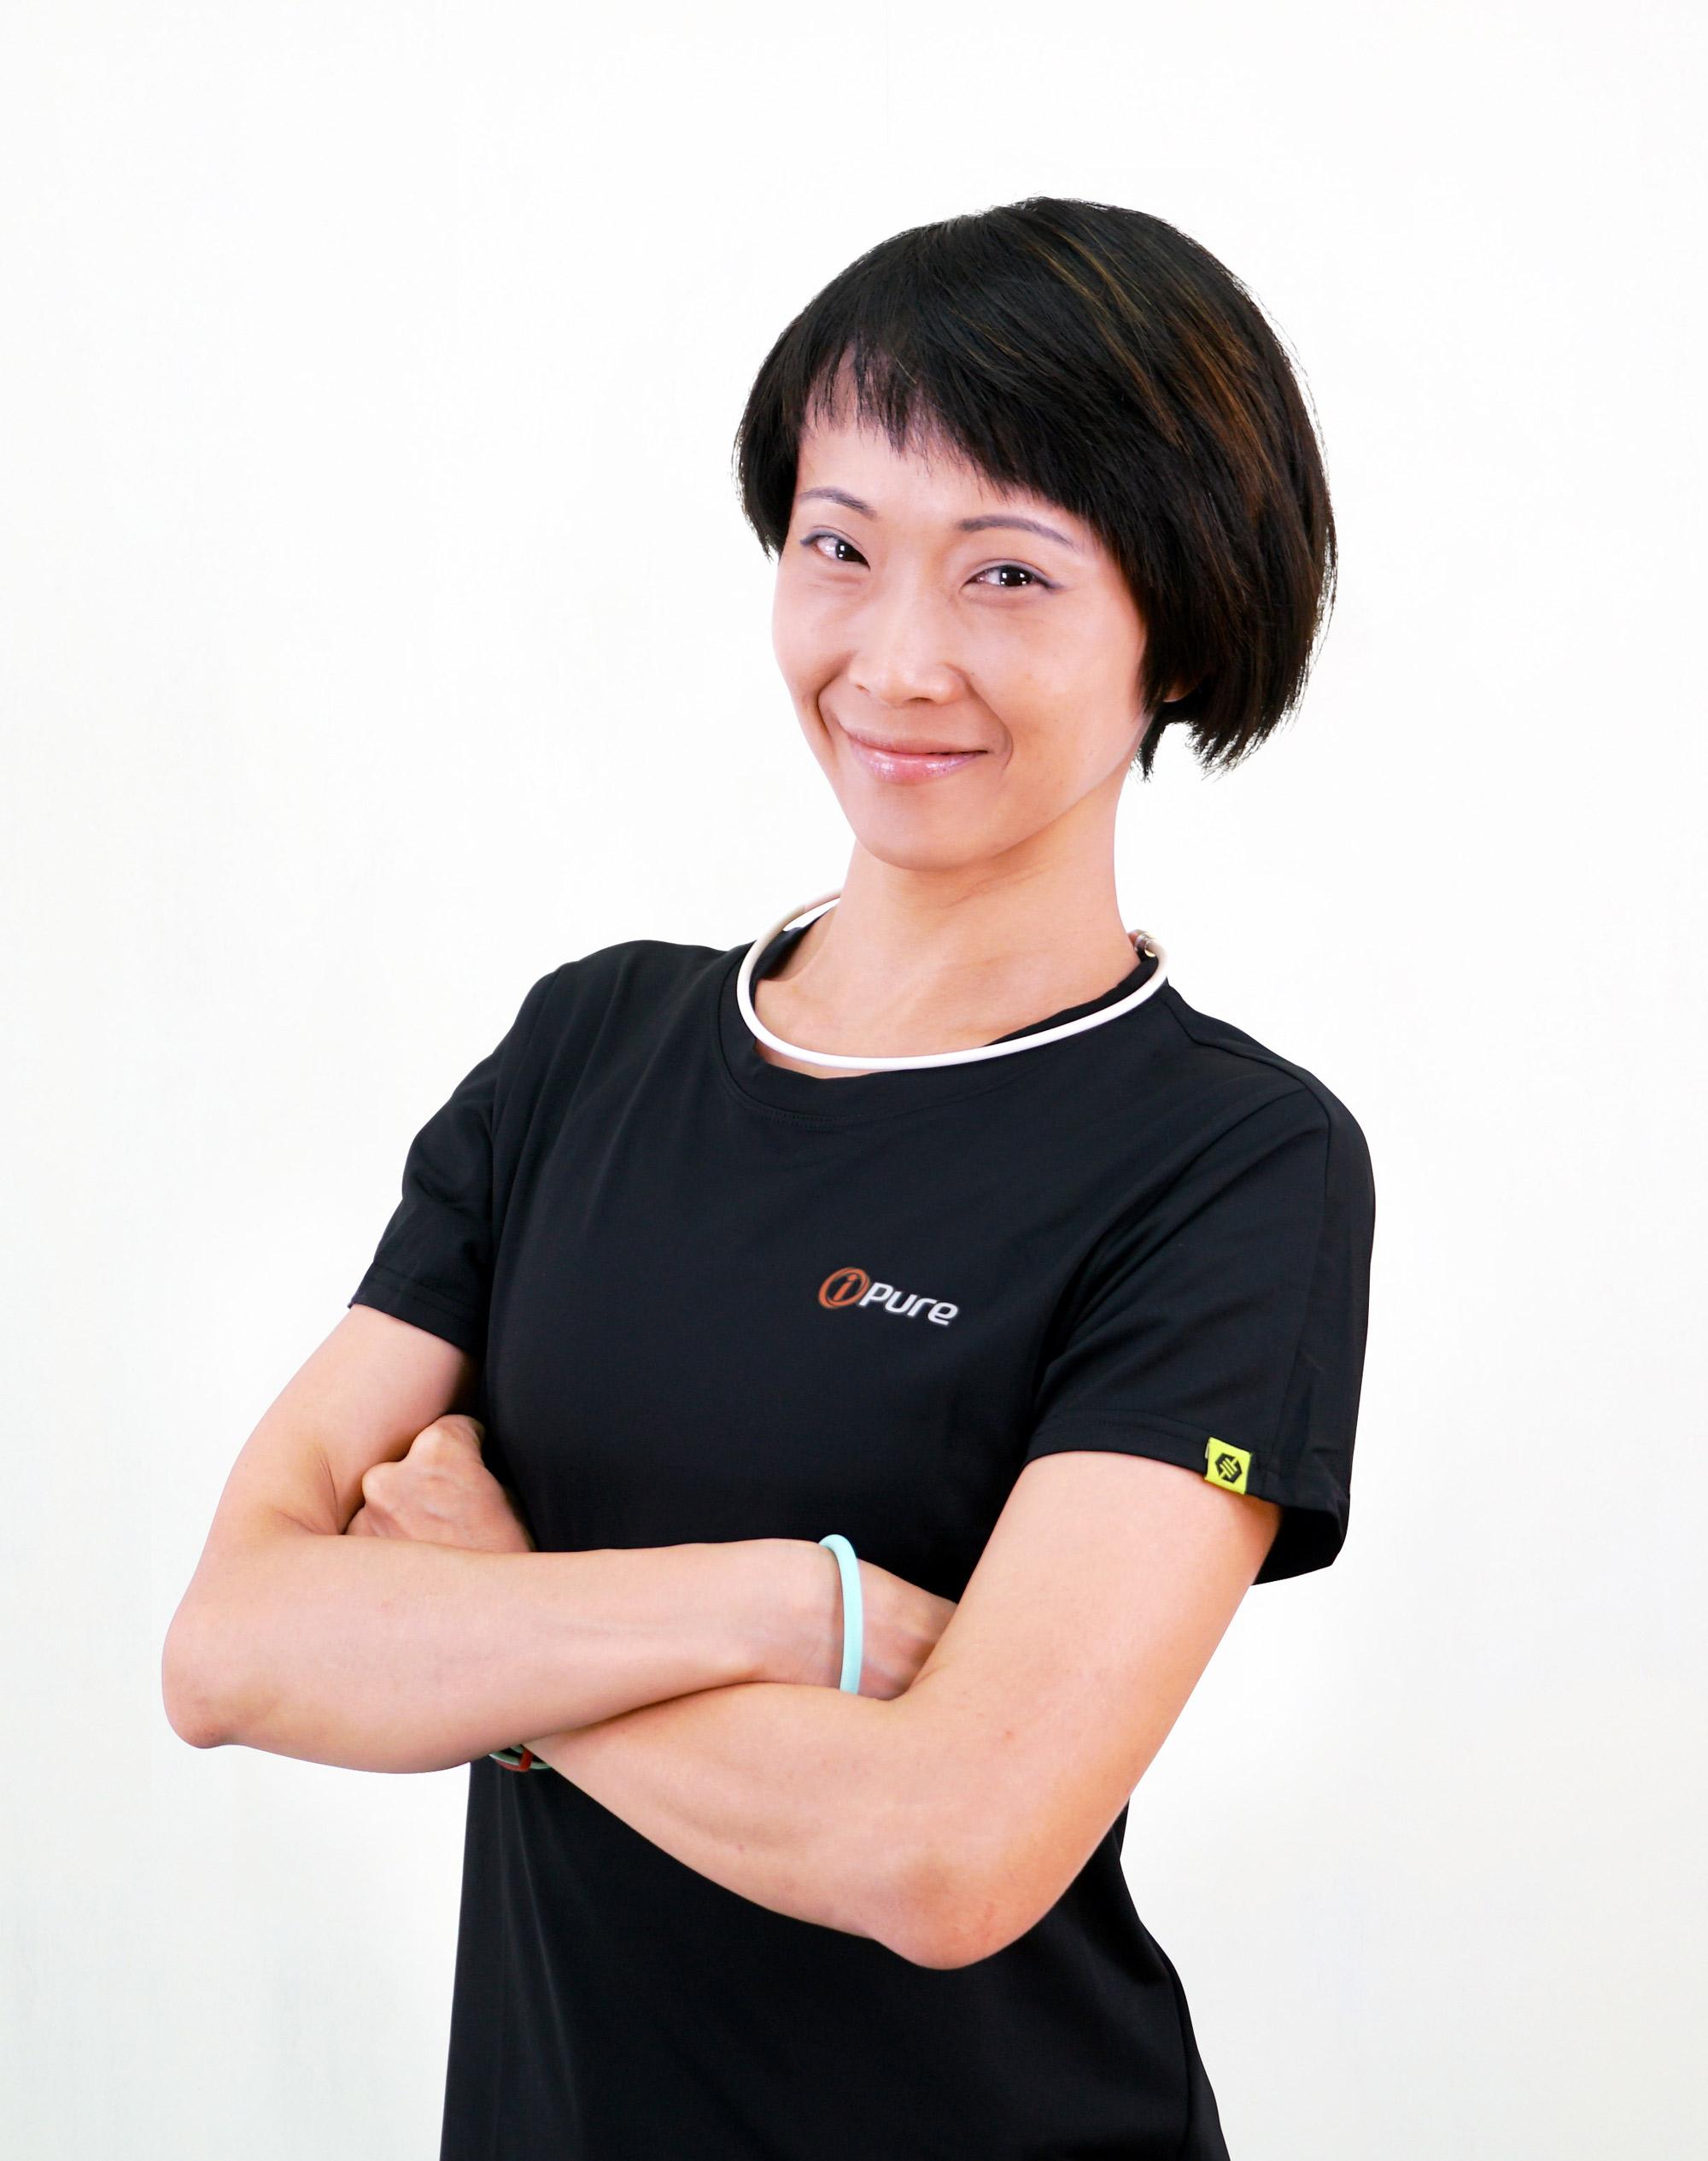 陳家羚 老師